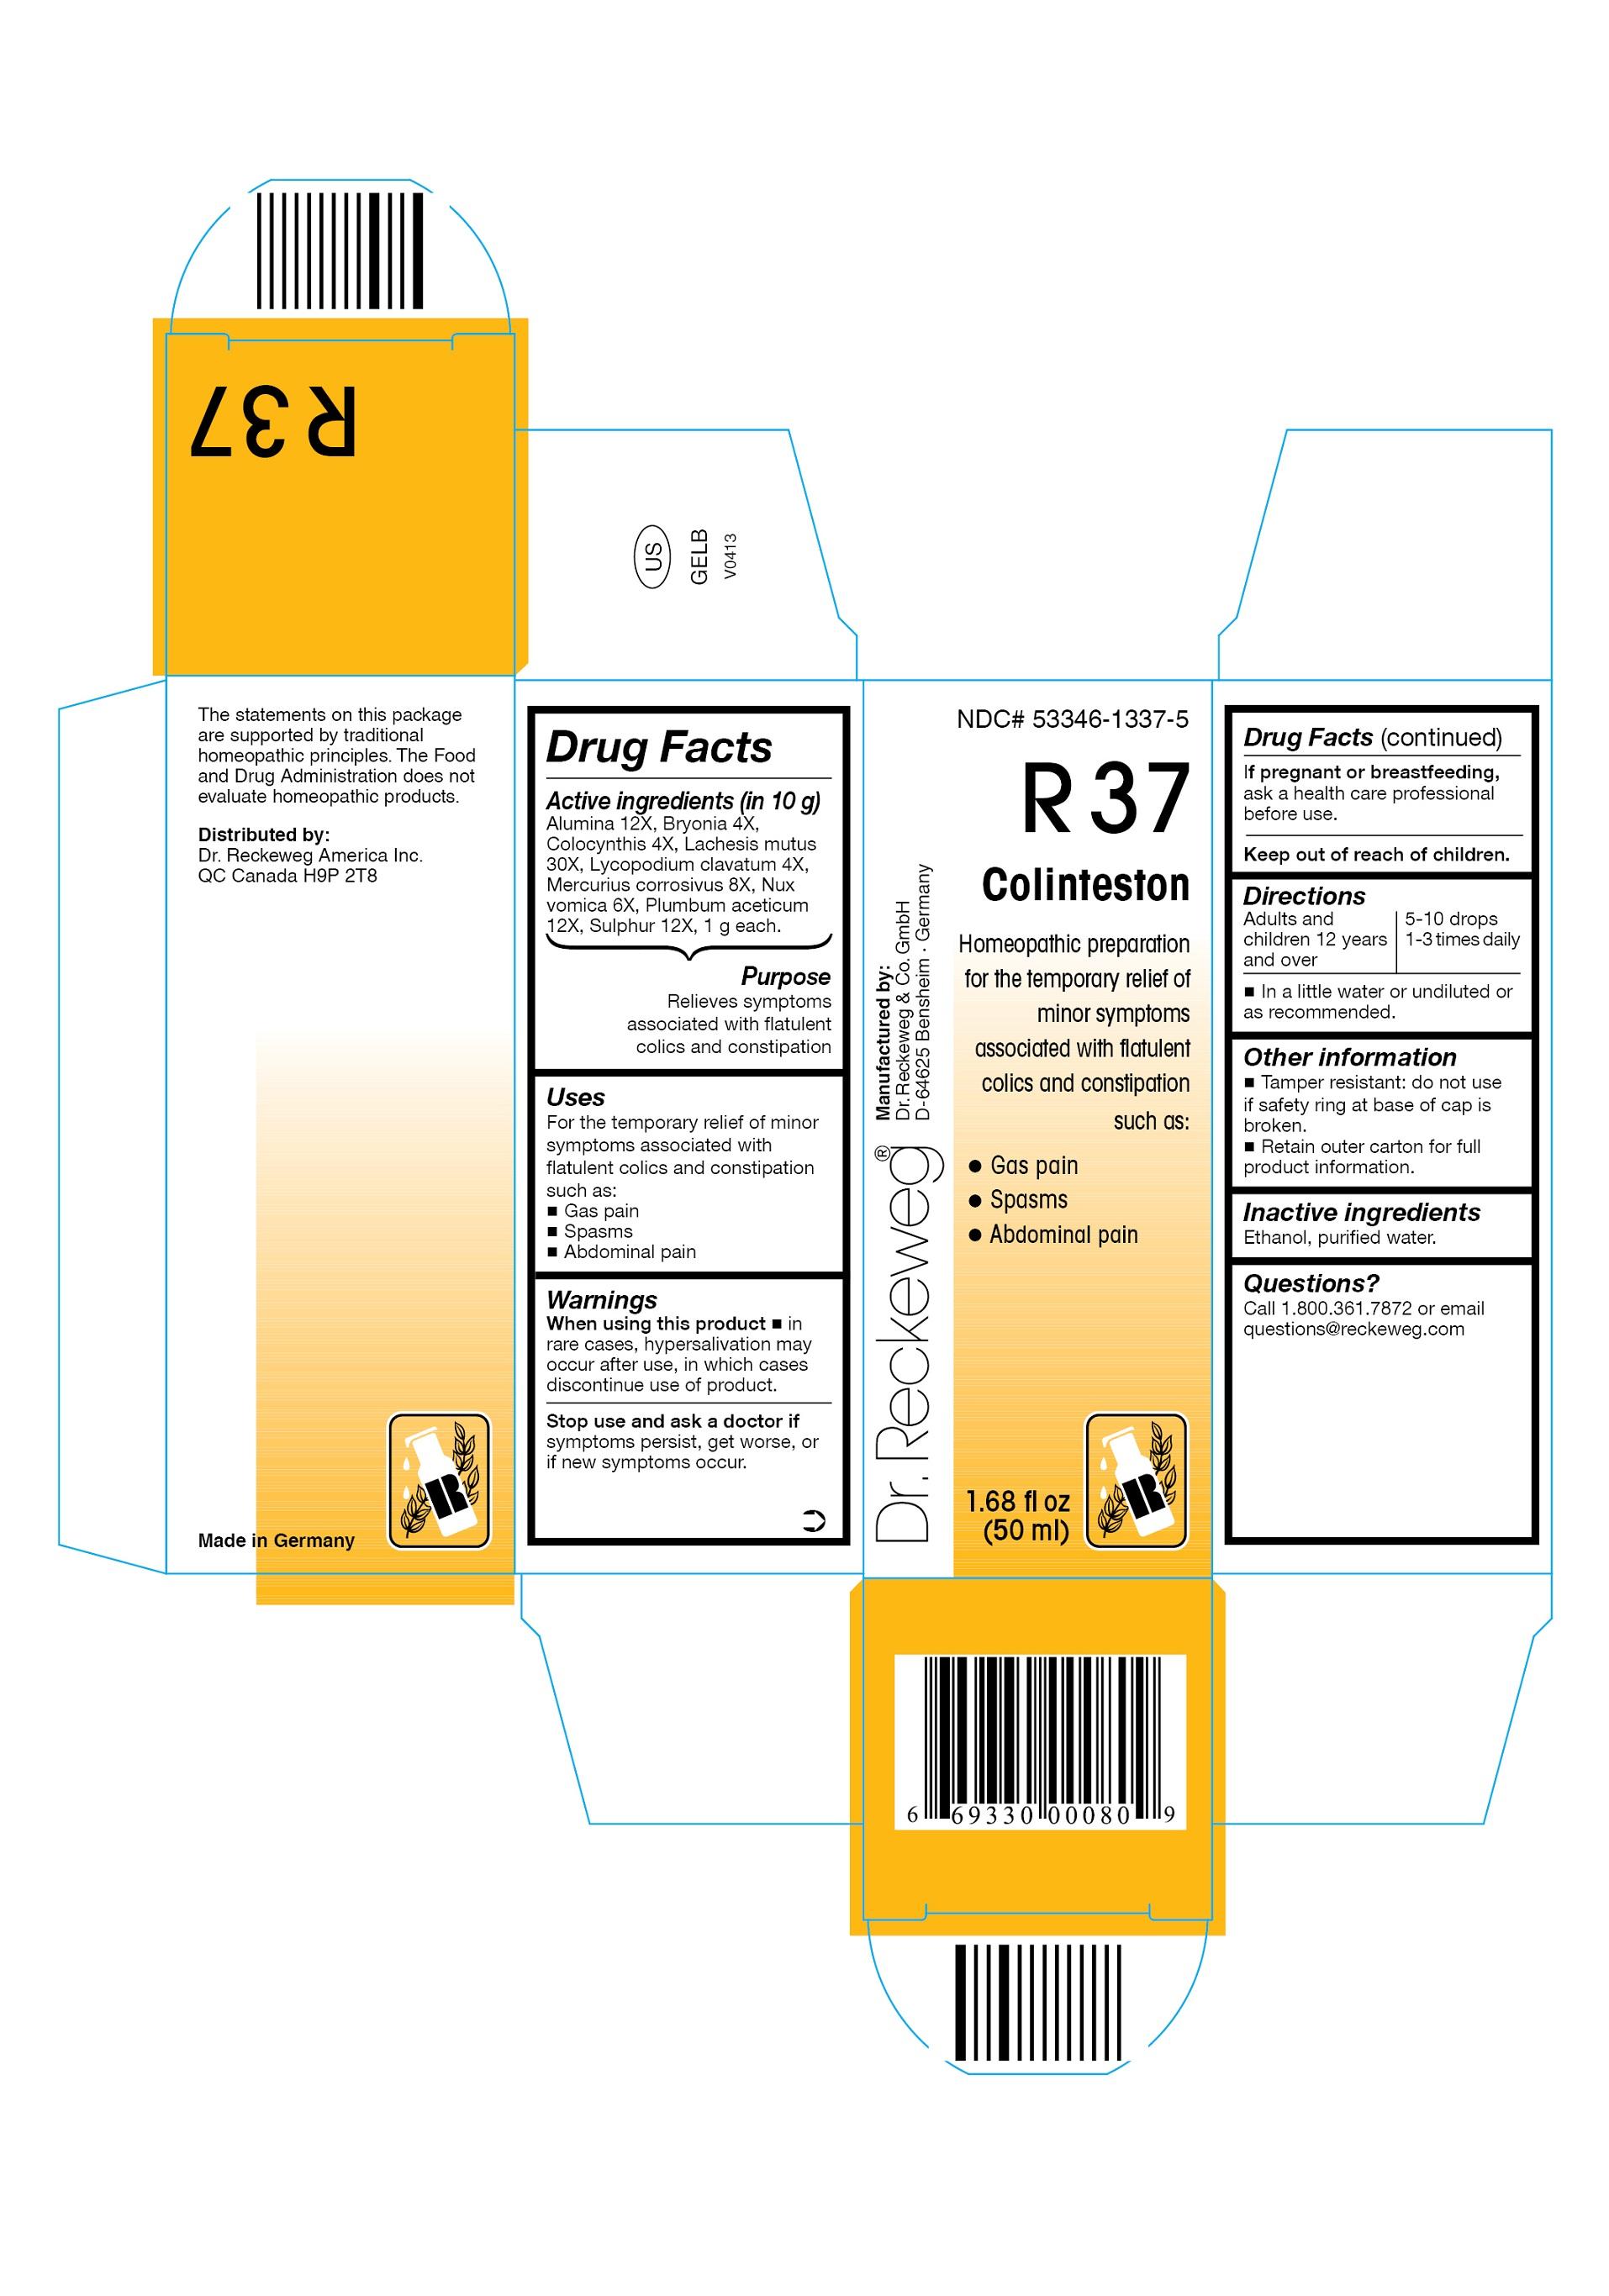 Dr. Reckeweg R37 Colinteston Combination Product (Alumina 12x, Bryonia 4x, Colocynthis 4x, Lachesis Mutus 30x, Lycopodium Clavatum 4x, Mercurius Corrosivus 8x, Nux Vomica 6x, Plumbum Aceticum 12x, Sulphur 12x) Liquid [Pharmazeutische Fabrik Dr. Reckeweg & Co]